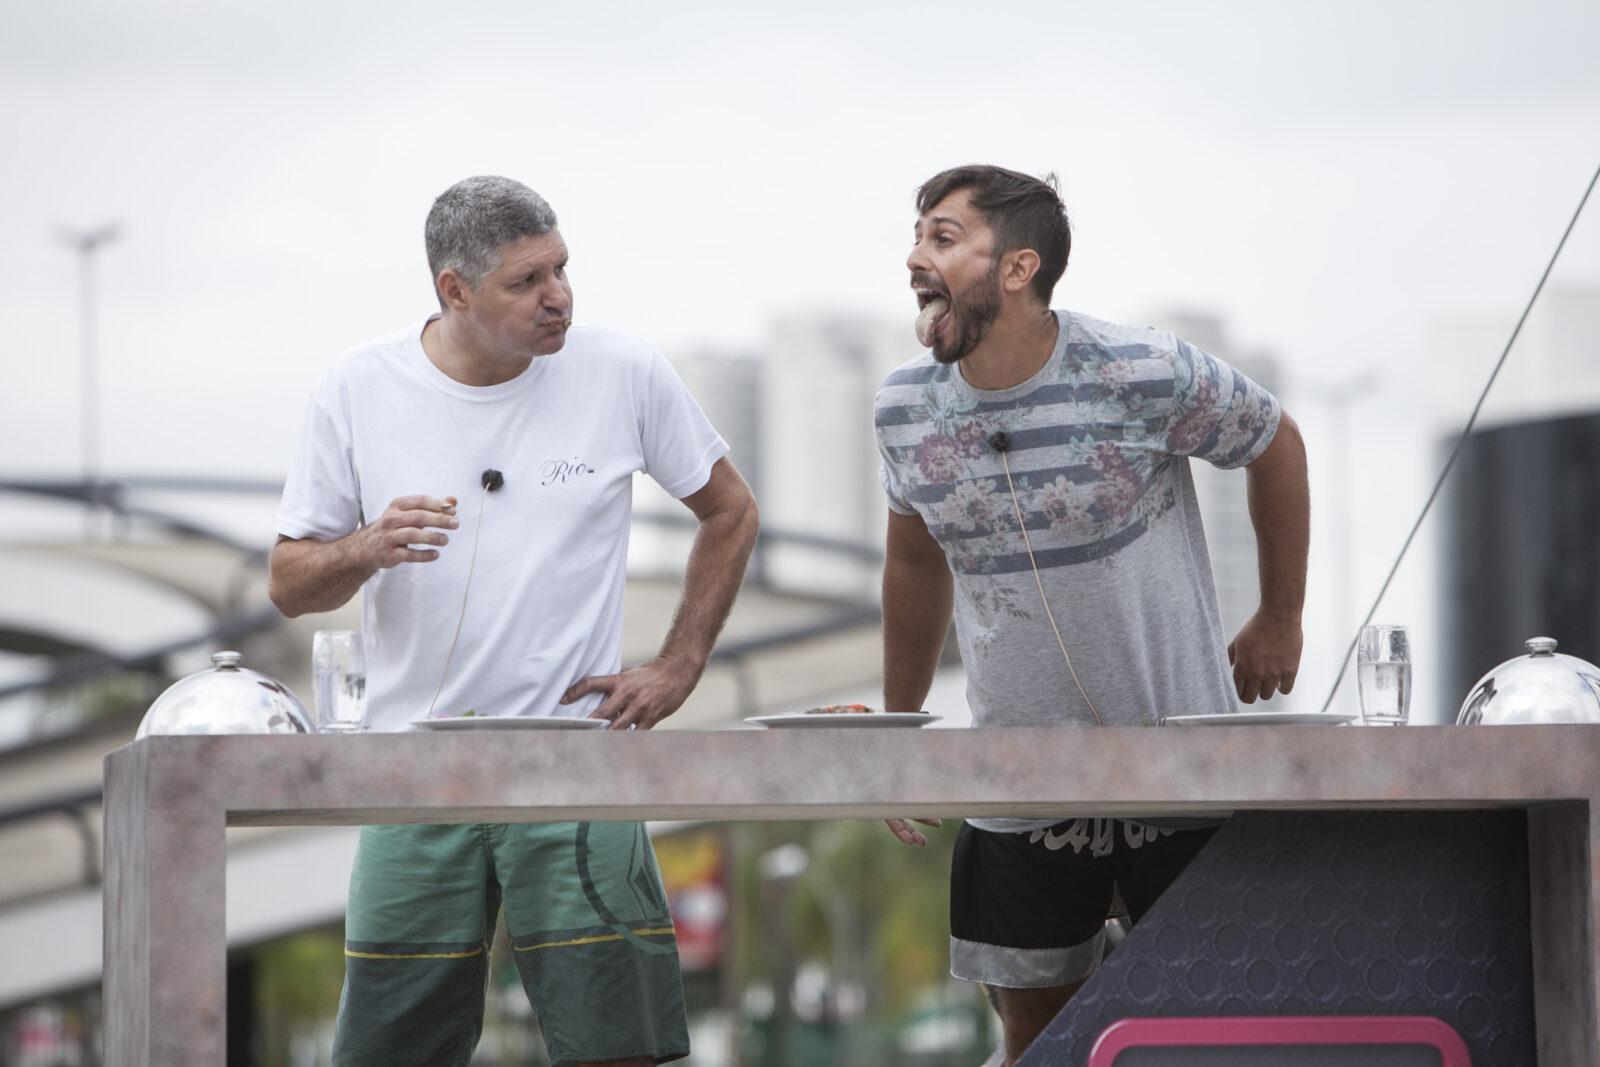 FOTOS DA PROVA DOS CASAIS DE HOJE no Power Couple Brasil: (Crédito das imagens: Edu Moraes/Record TV)